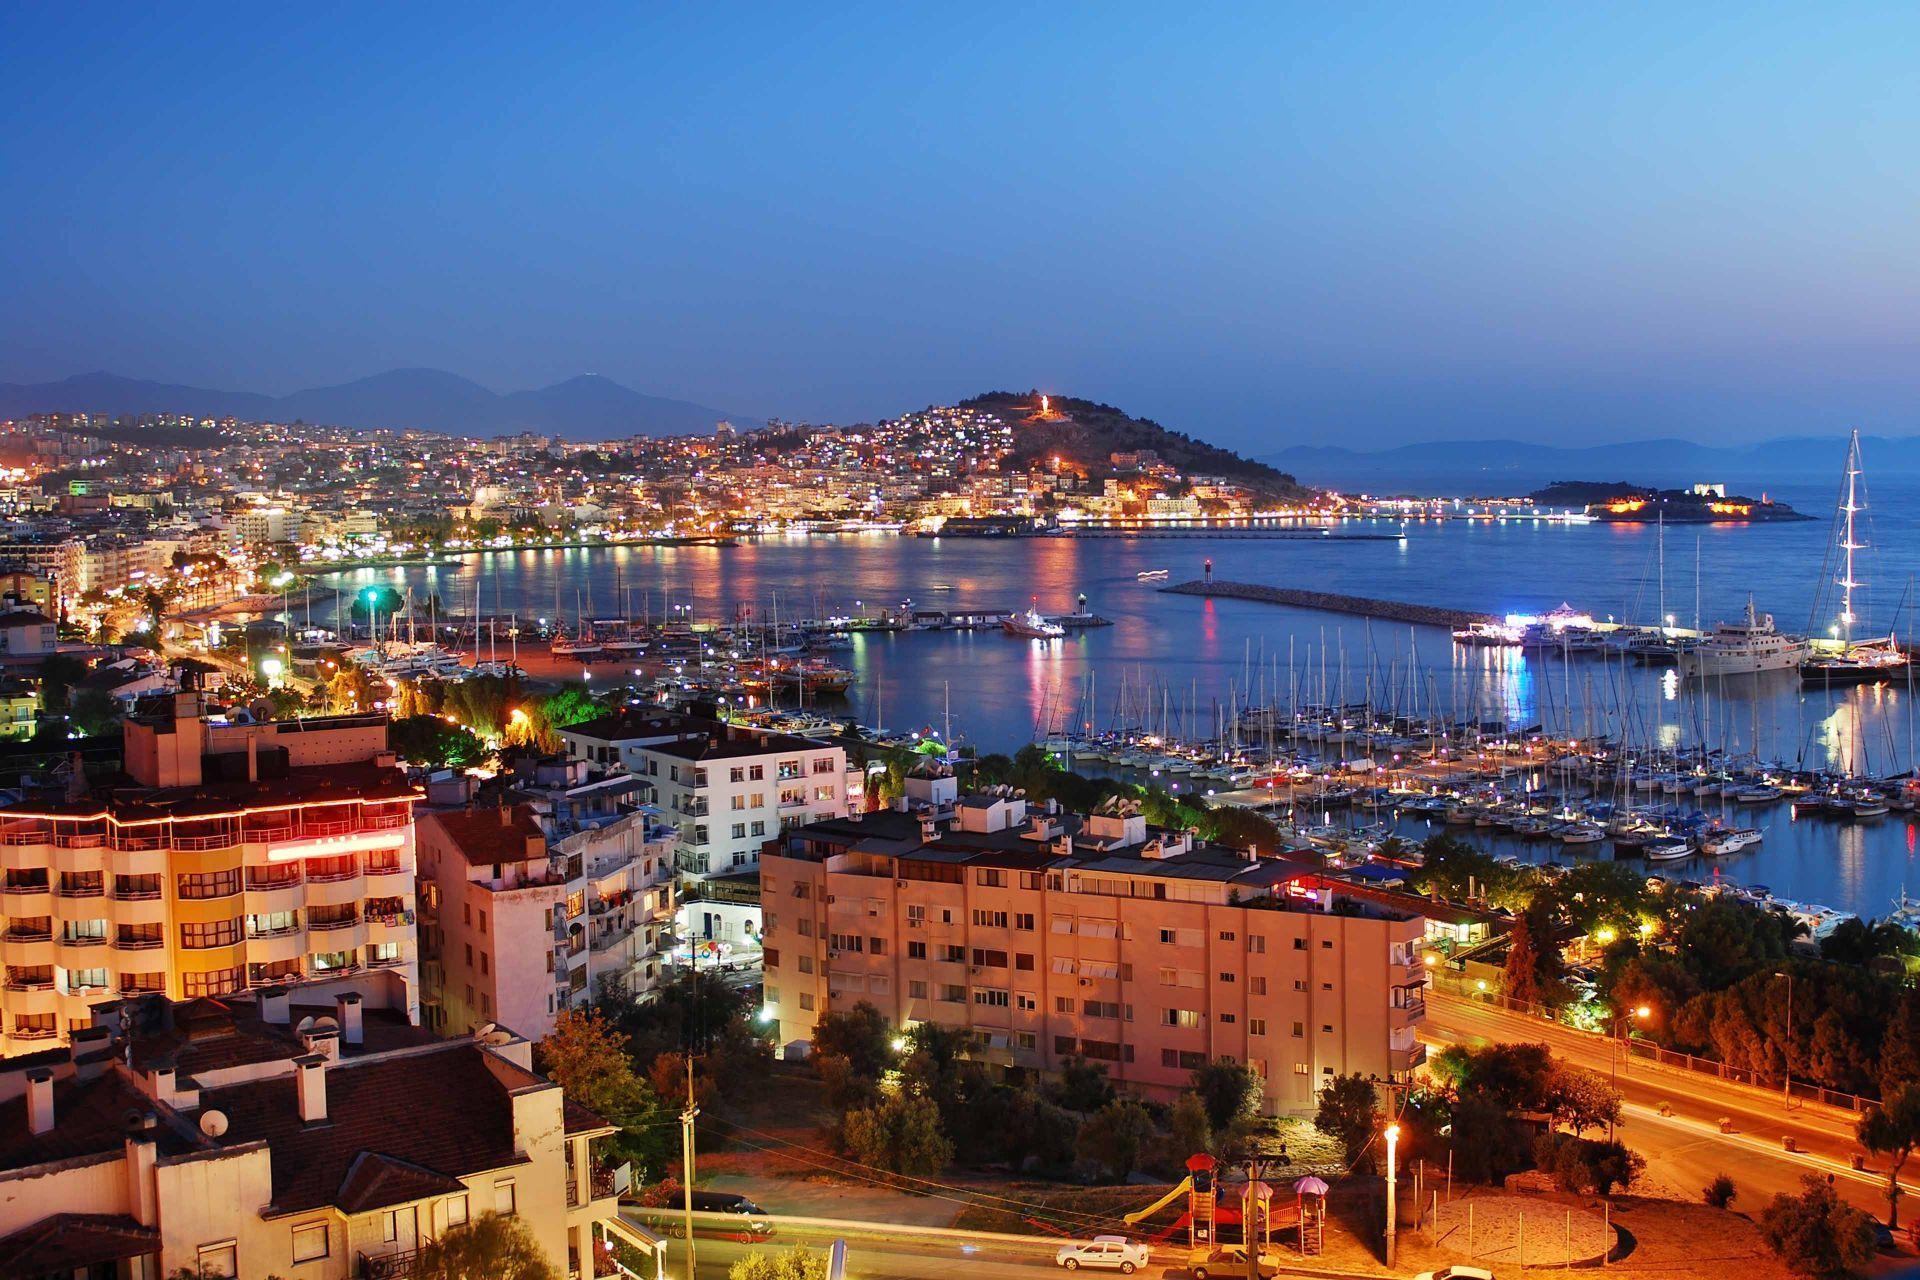 Турция красивые картинки инстаграмм найдешь